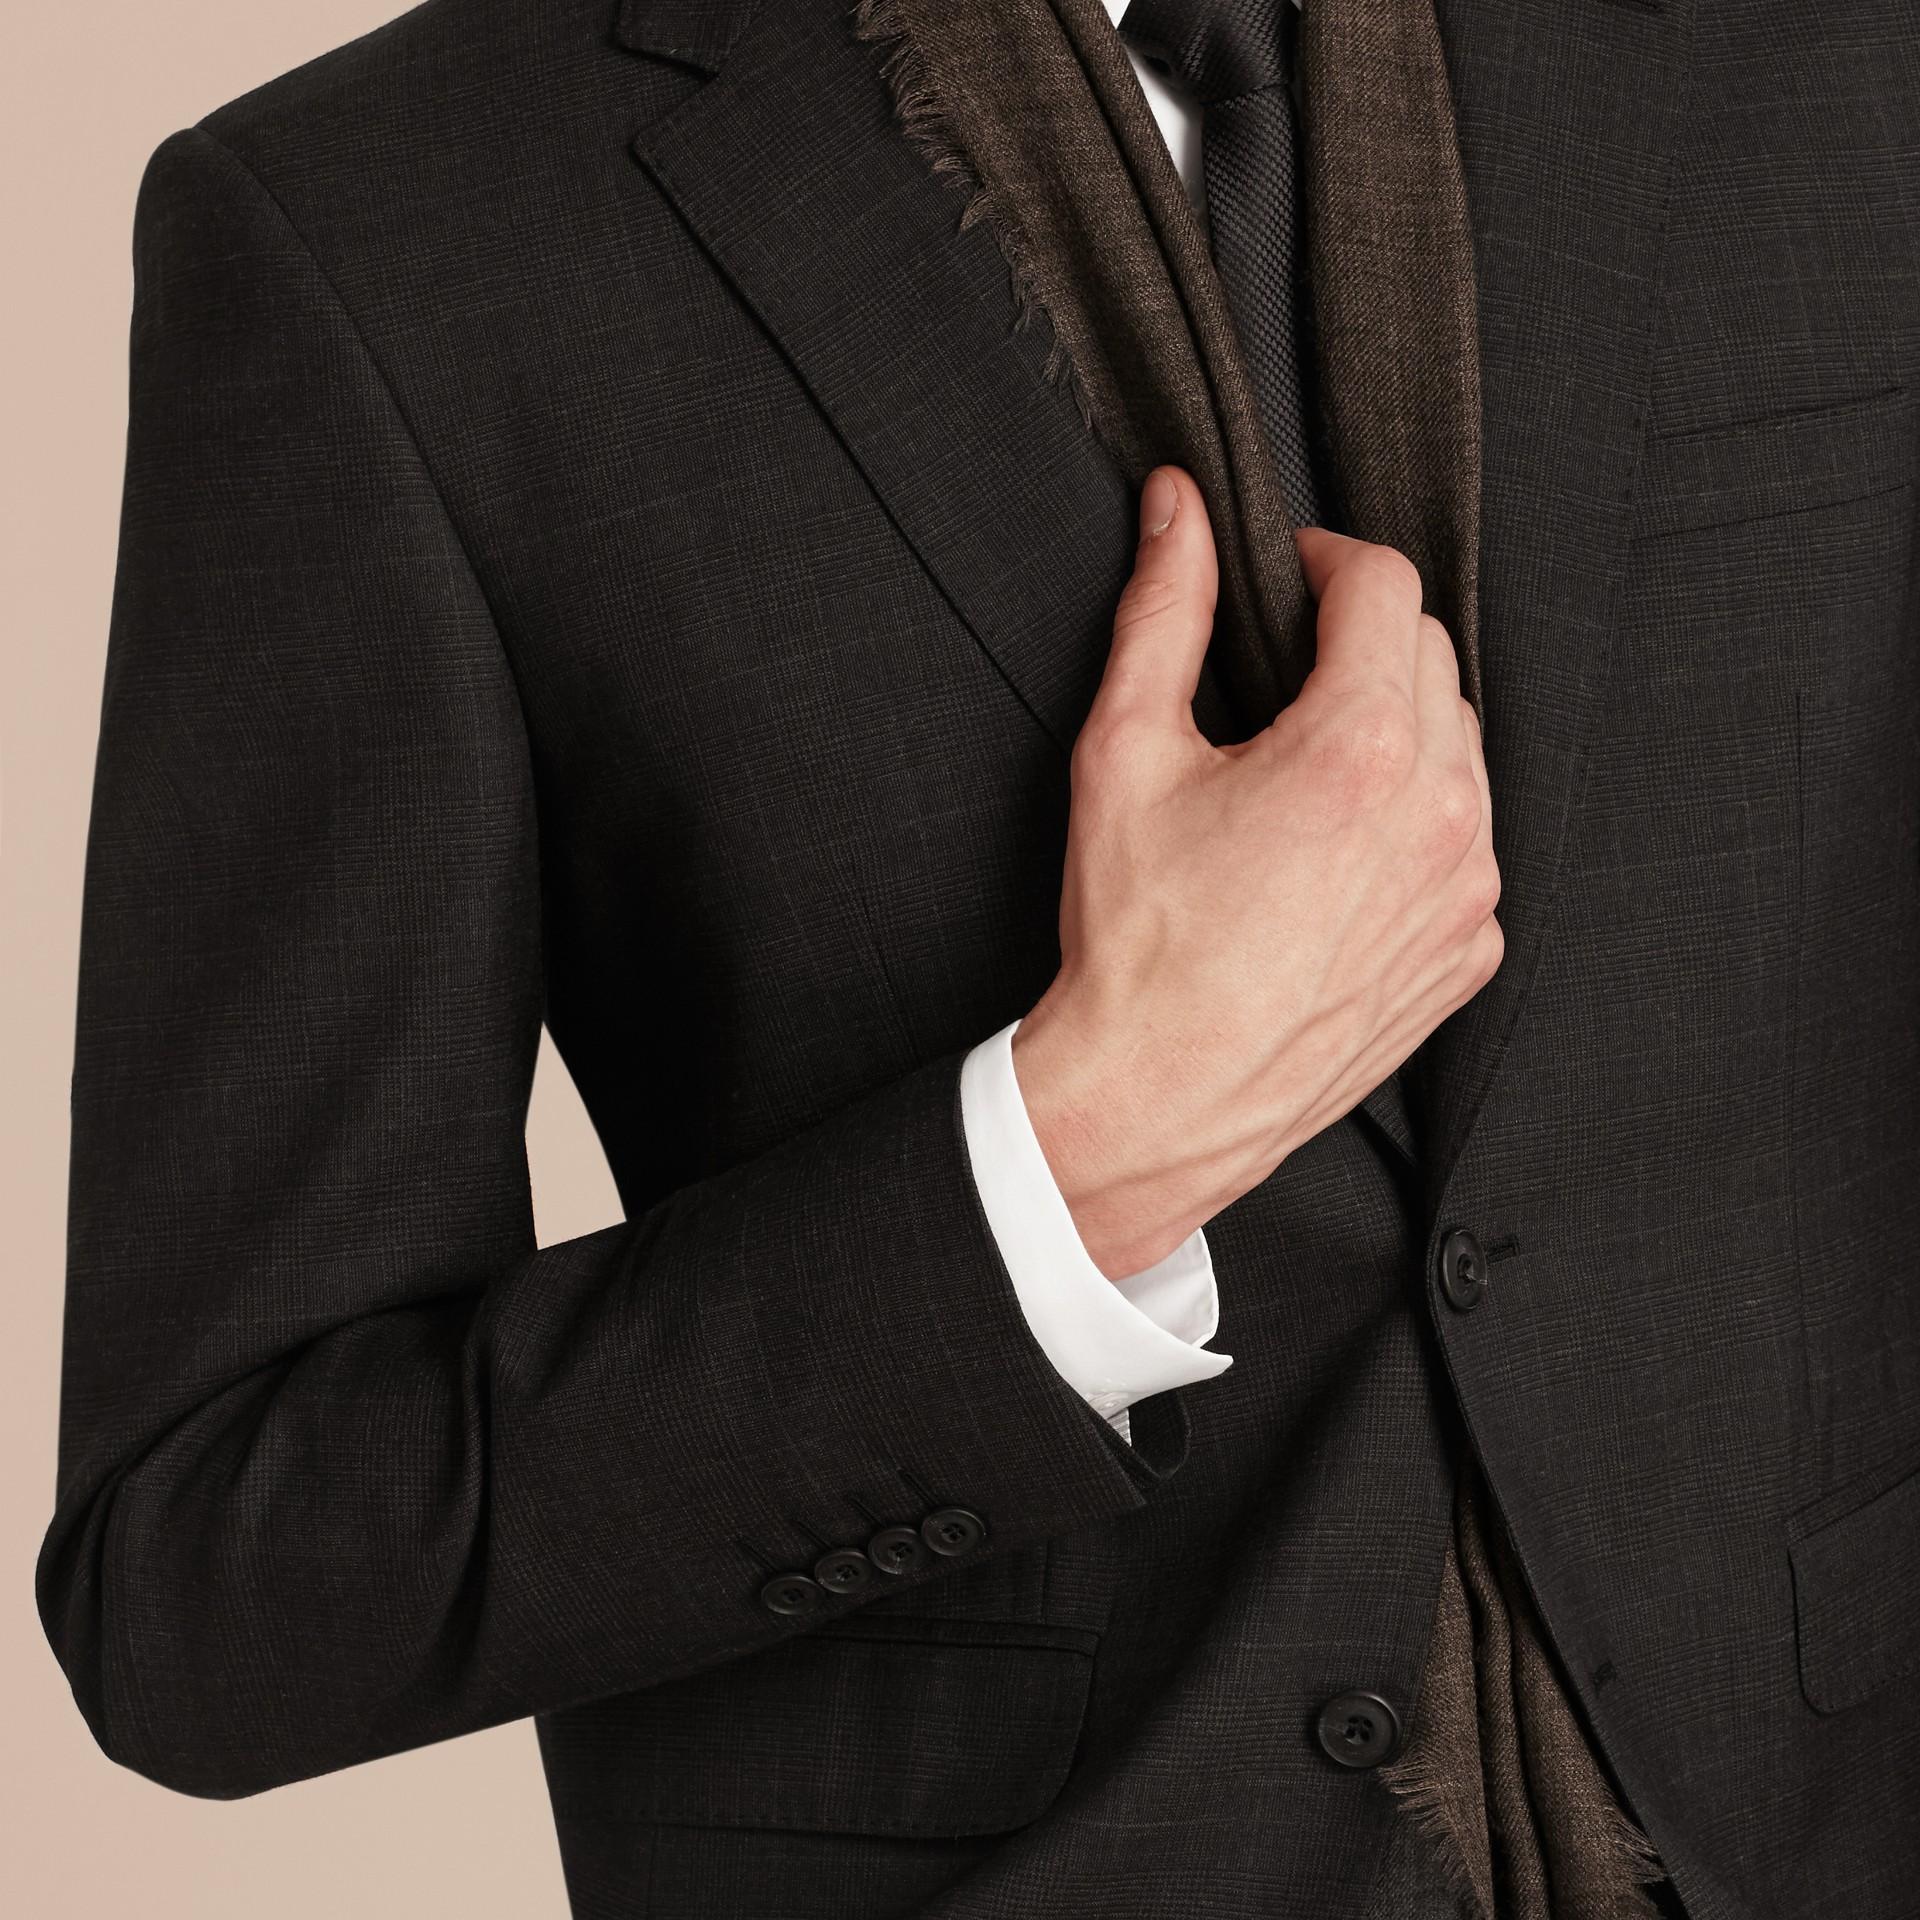 Nero fumo Abito in lana con motivo check principe di Galles dal taglio moderno - immagine della galleria 6